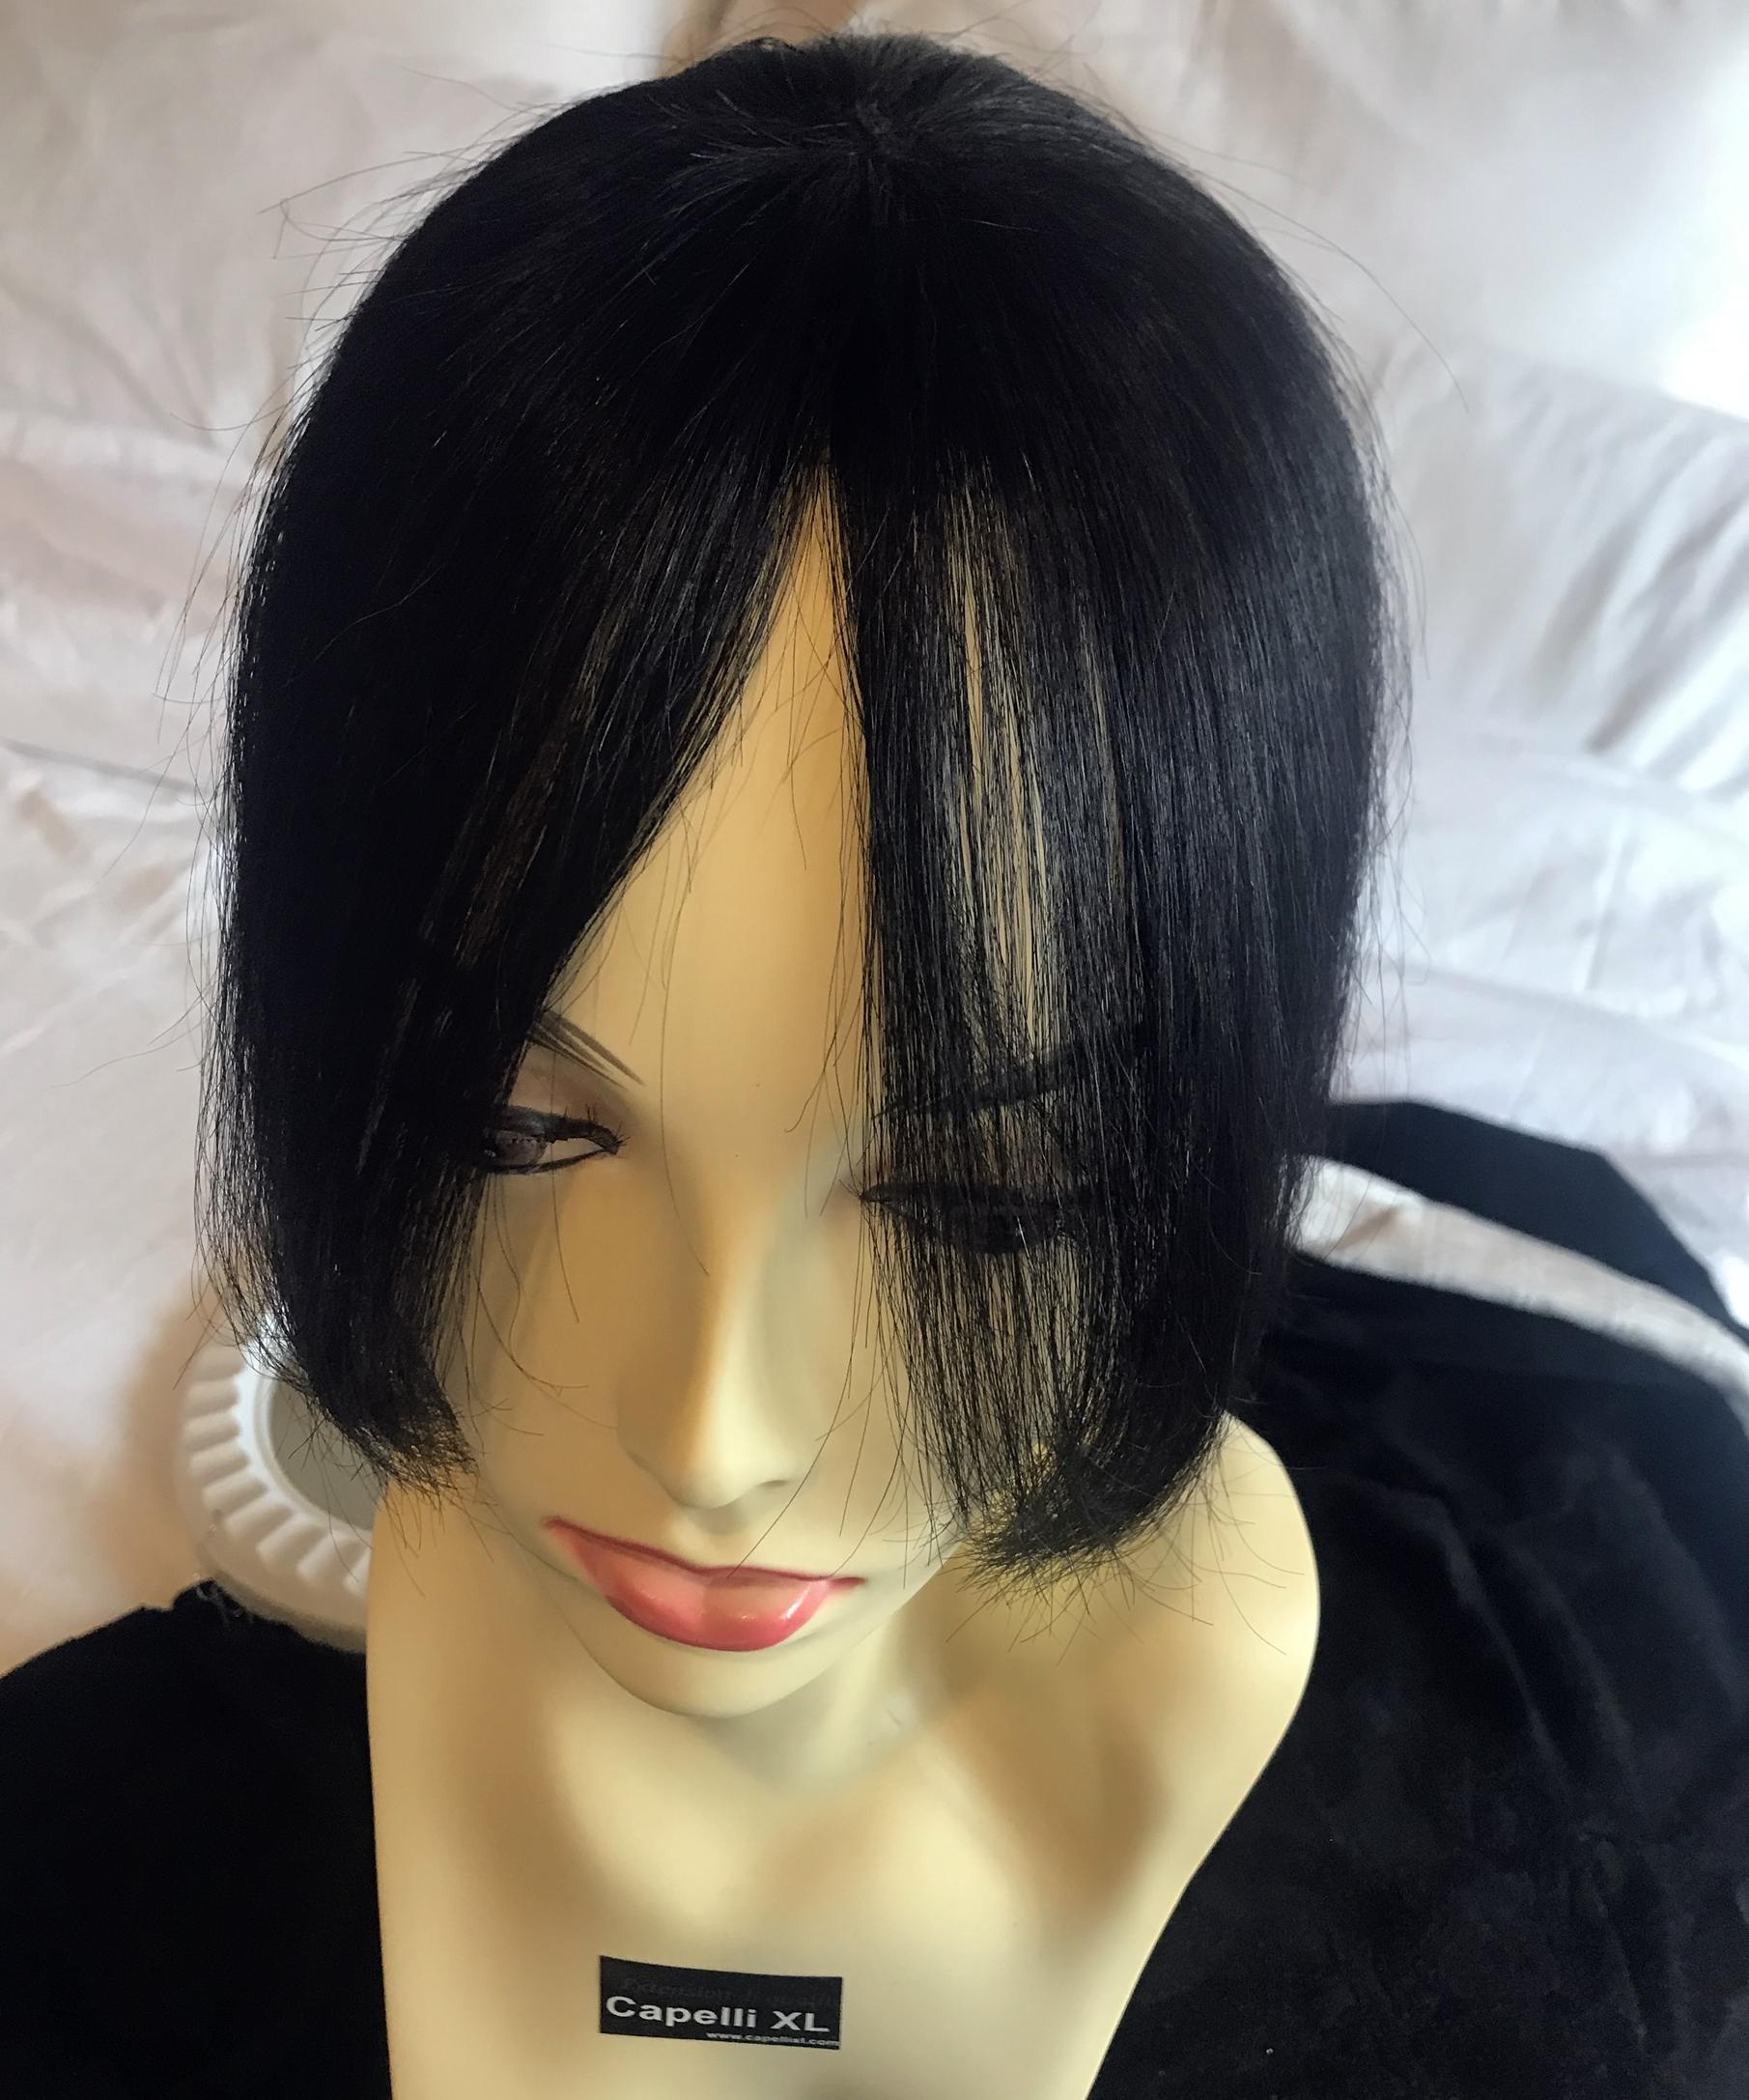 Toupet frangetta, Ciuffo, la soluzione ideale per nascondere ricrescita, dirradamento, per fare una frangetta senza tagliare i capelli tuoi, Per cambiare look